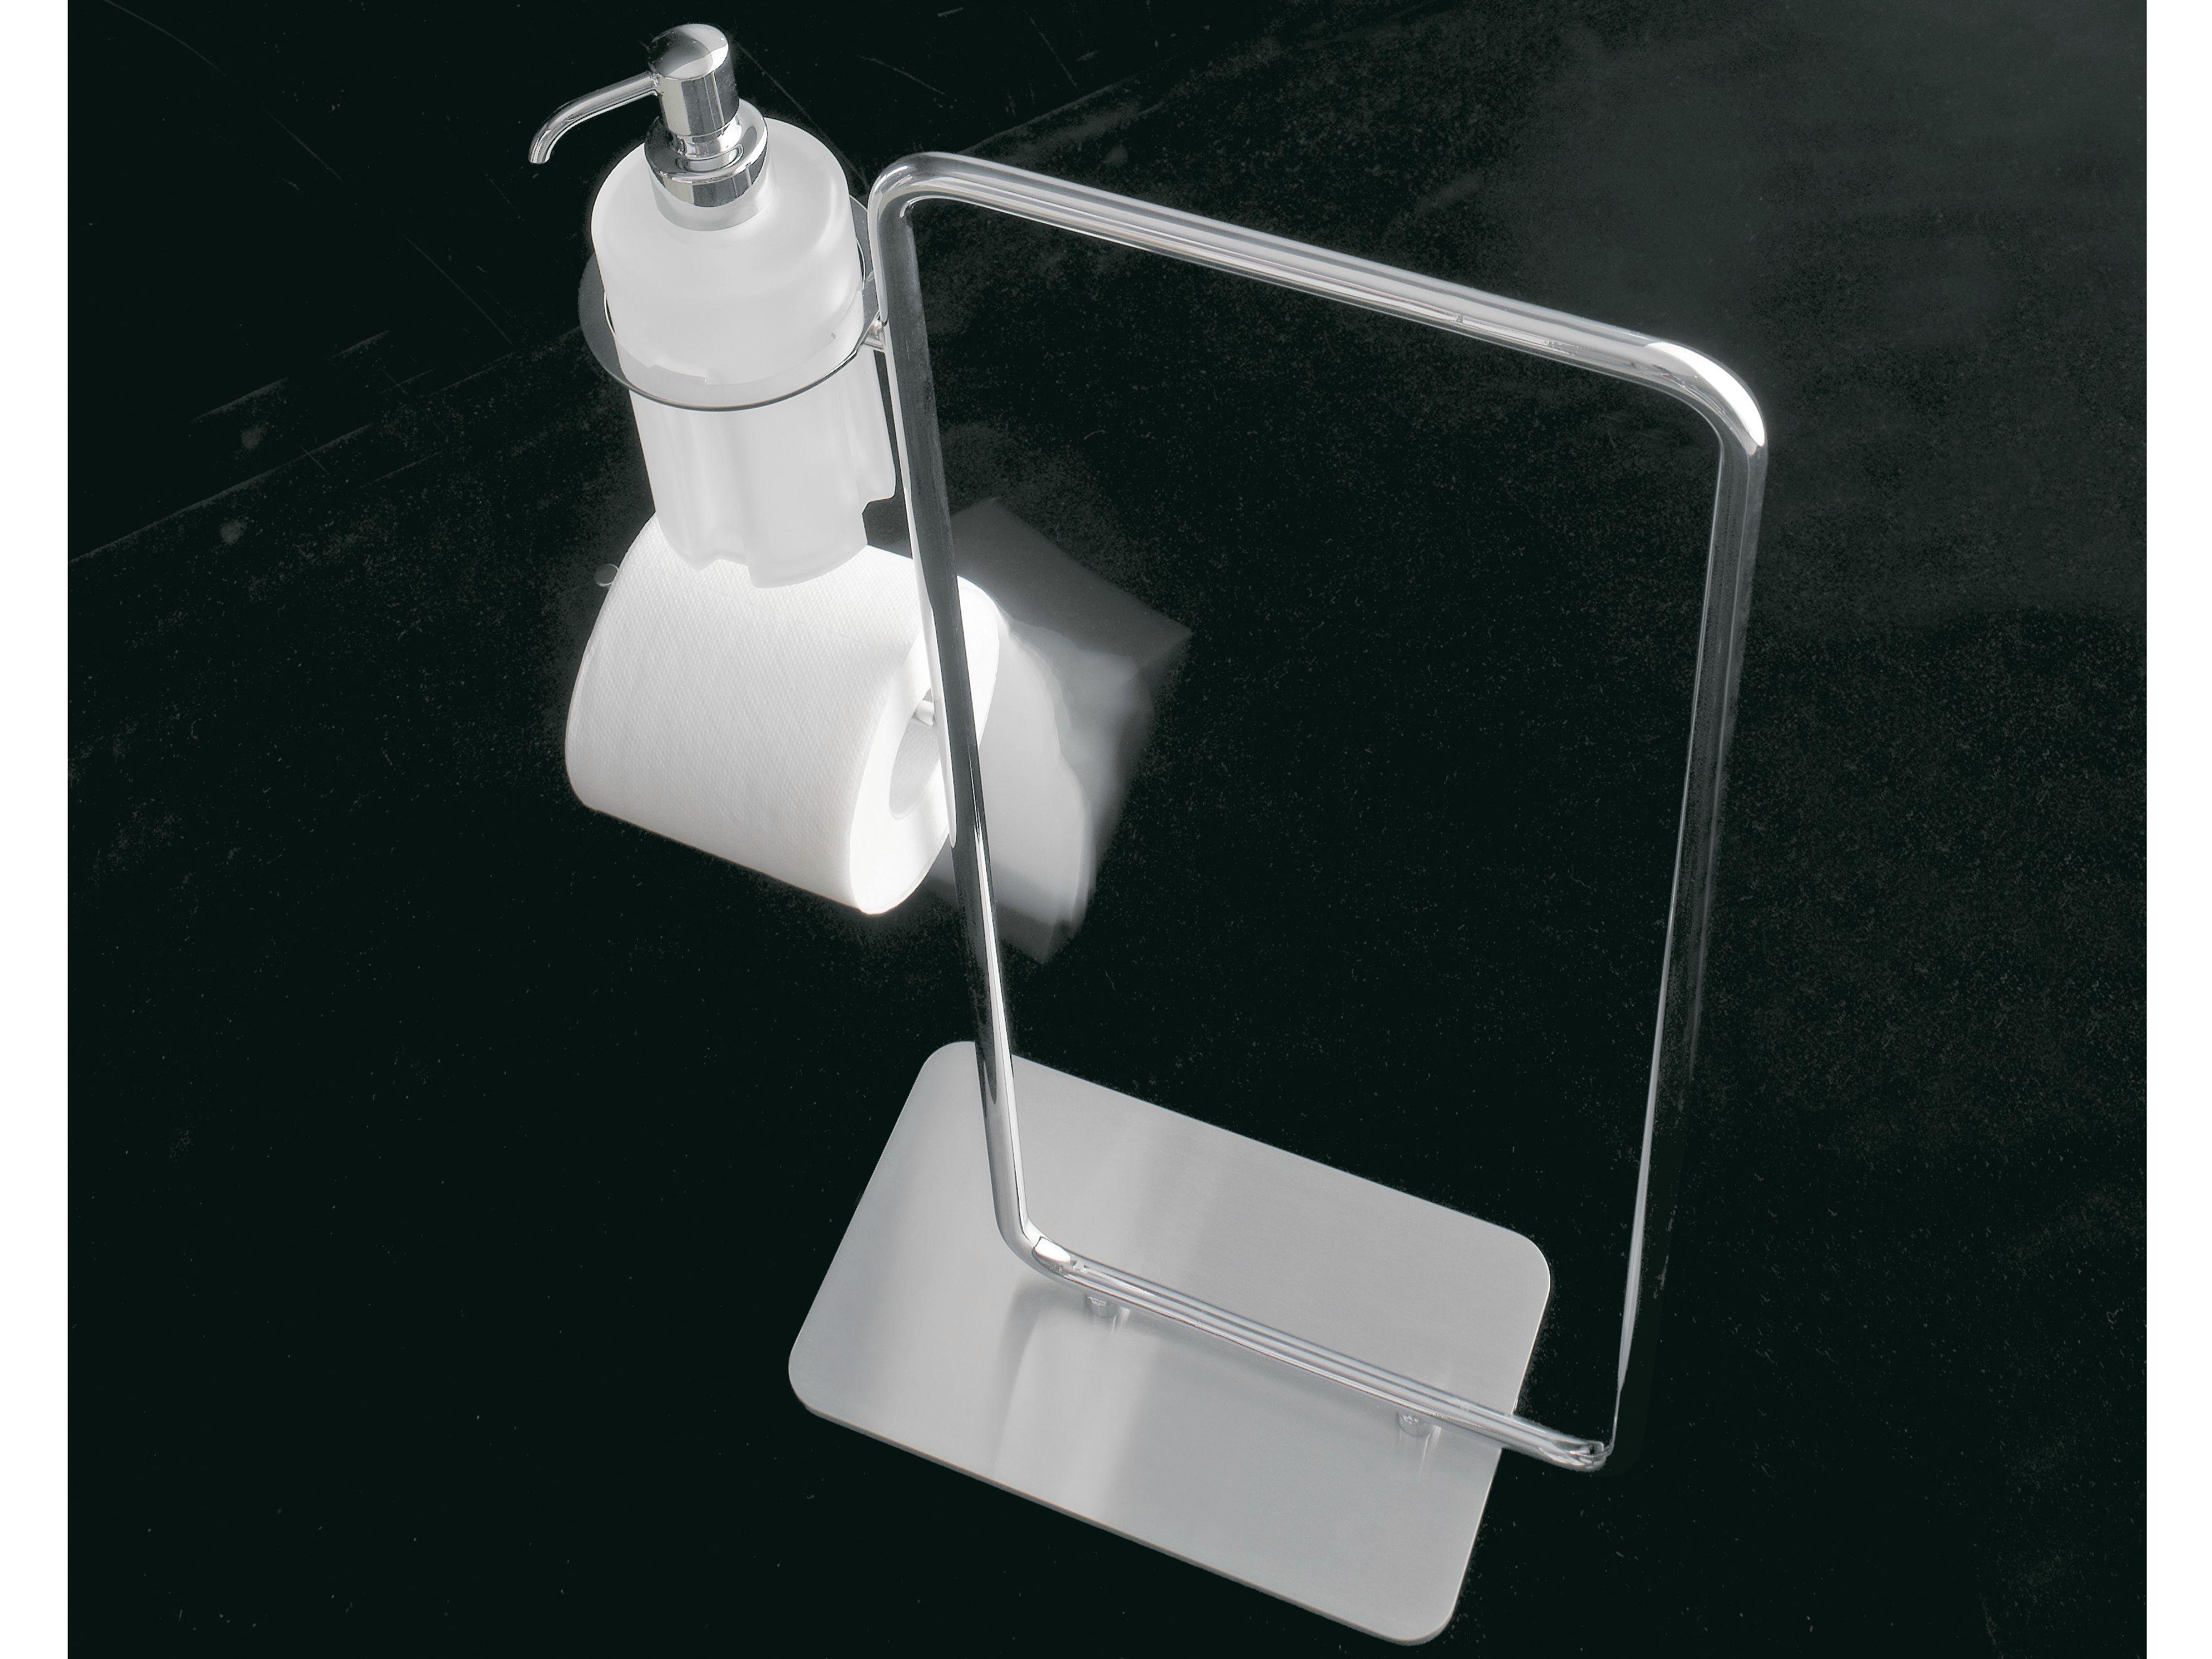 Porta asciugamani da terra collezione 8500 by rubinetterie 3m for Porta asciugamani da terra